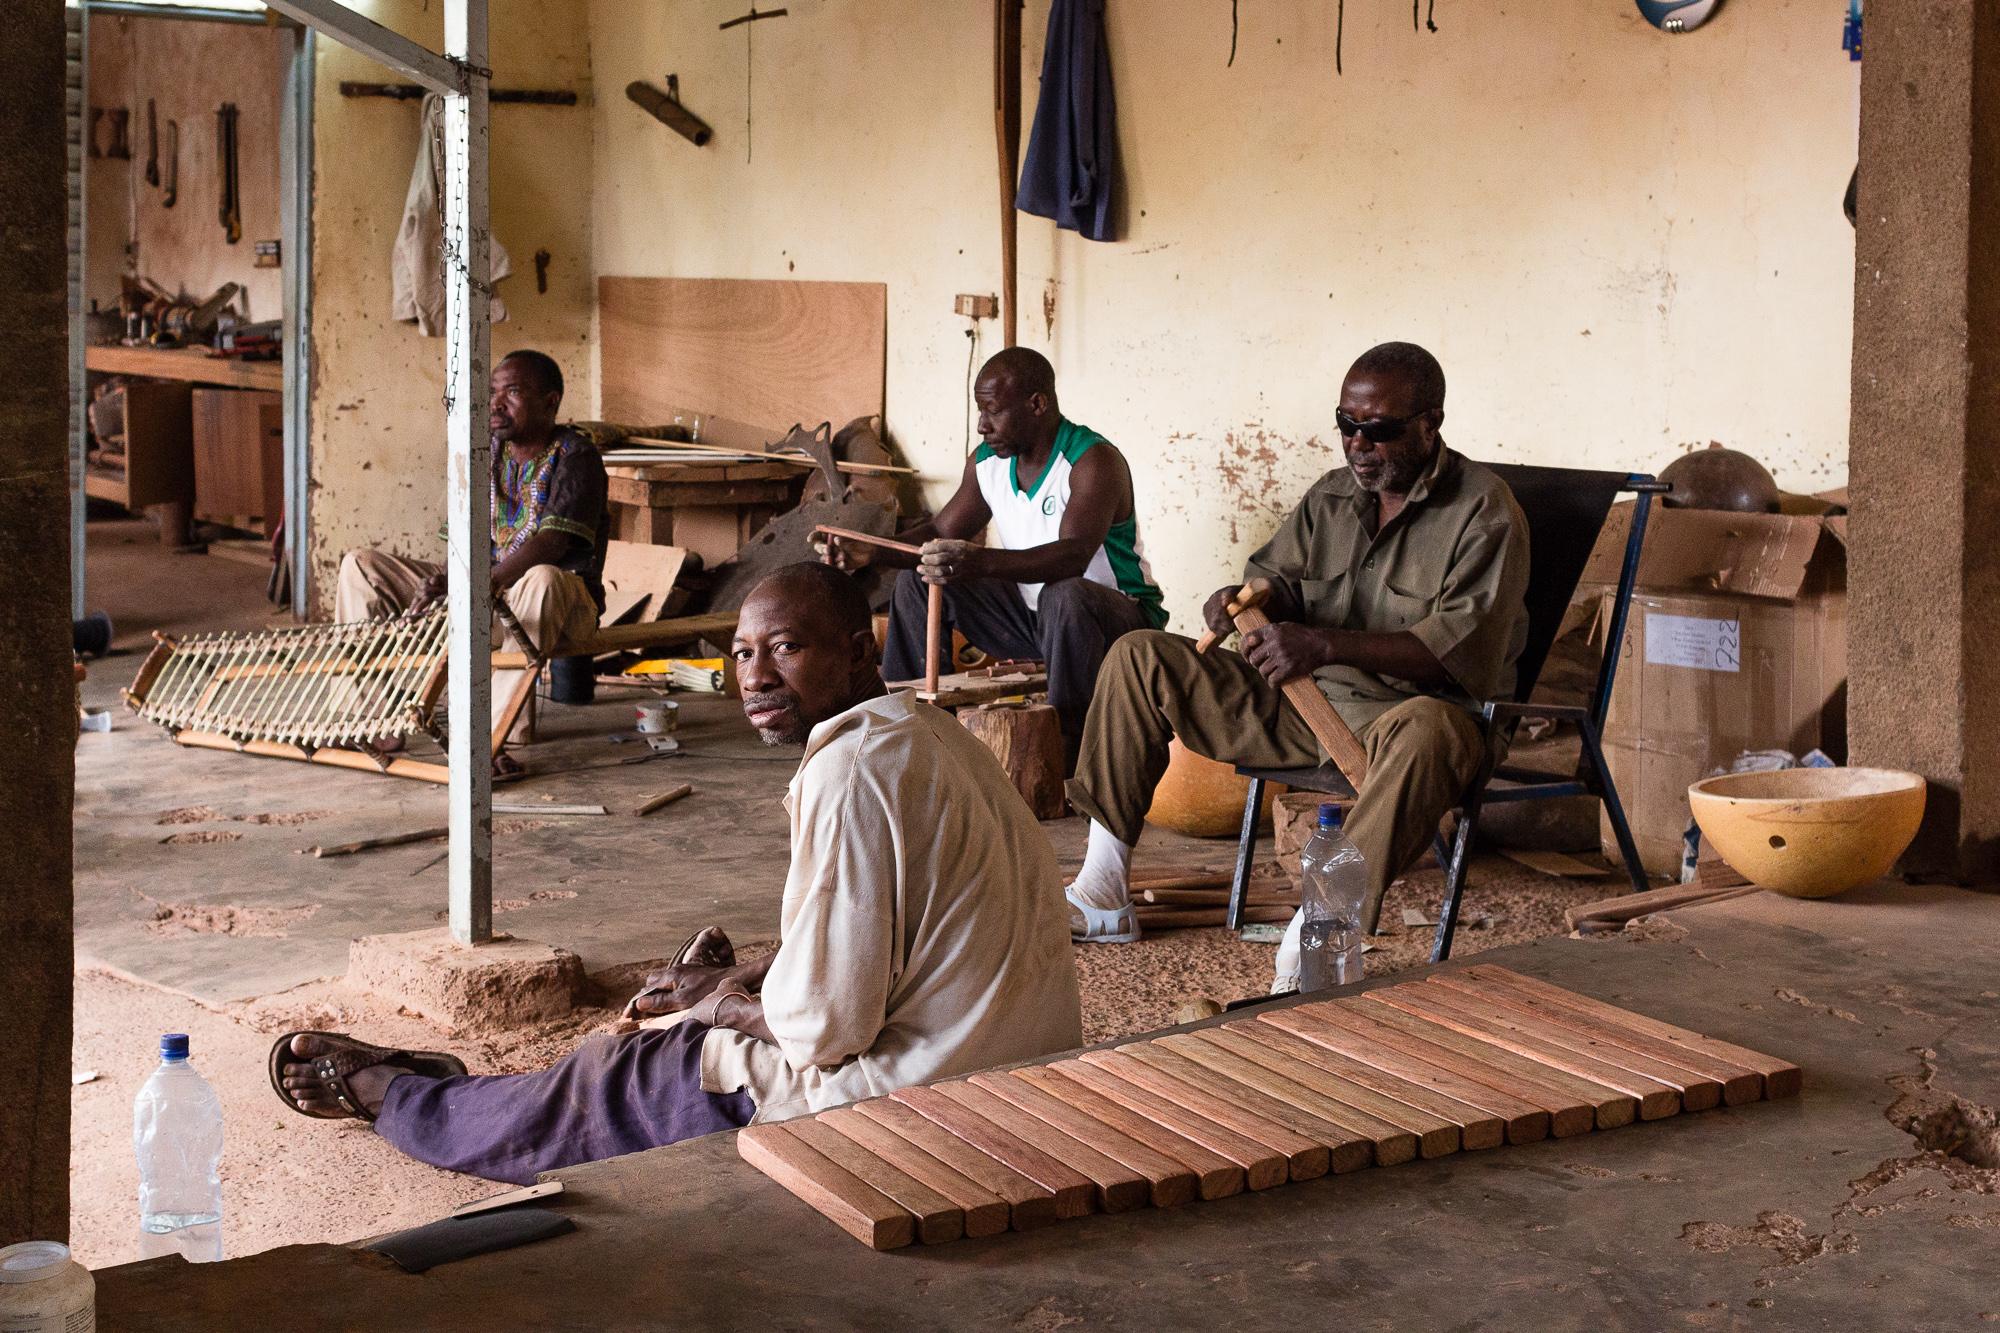 Artisans de l'atelier BaraGnouma fabriquant un balafon, Bobo Dioulasso, Burkina Faso